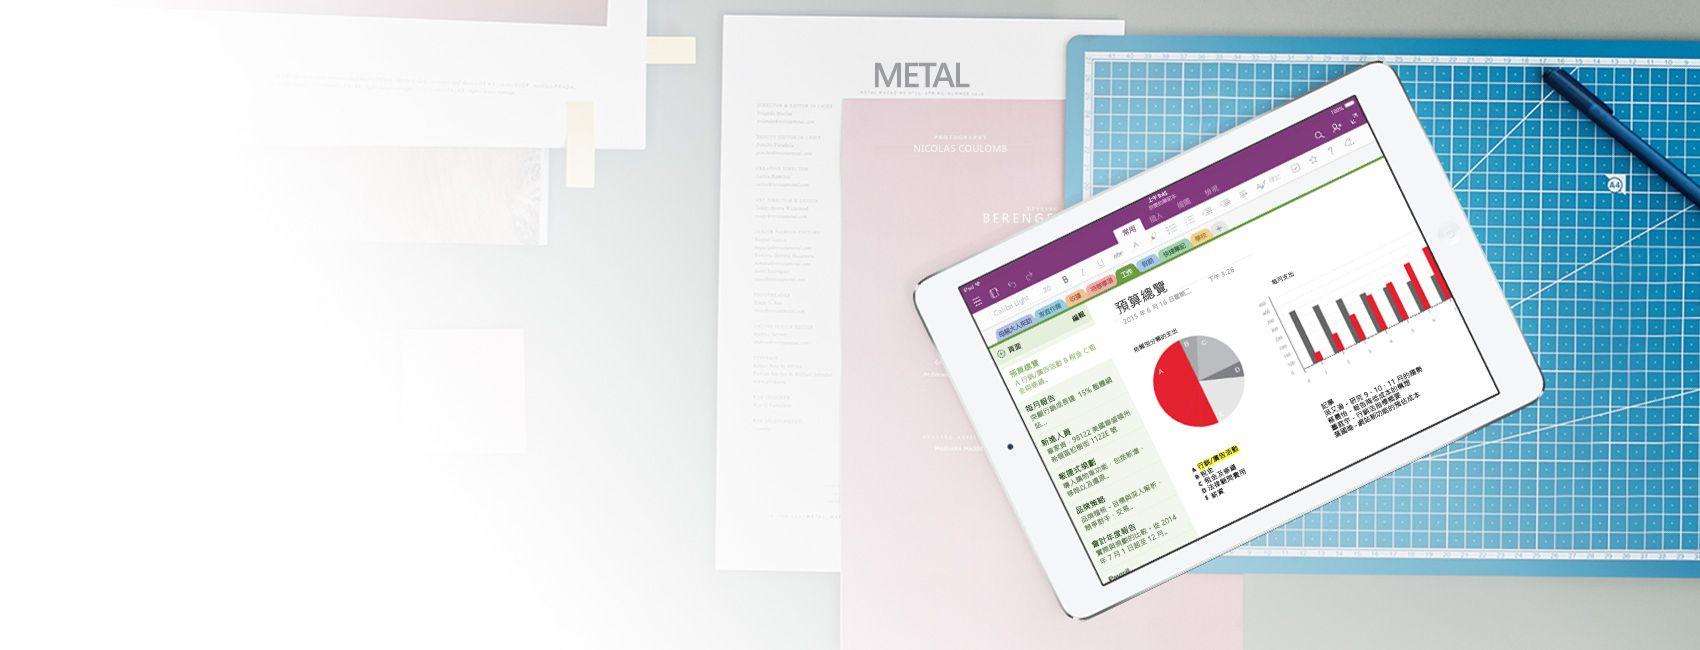 顯示 OneNote 筆記本中之預算概觀圖表的 iPad